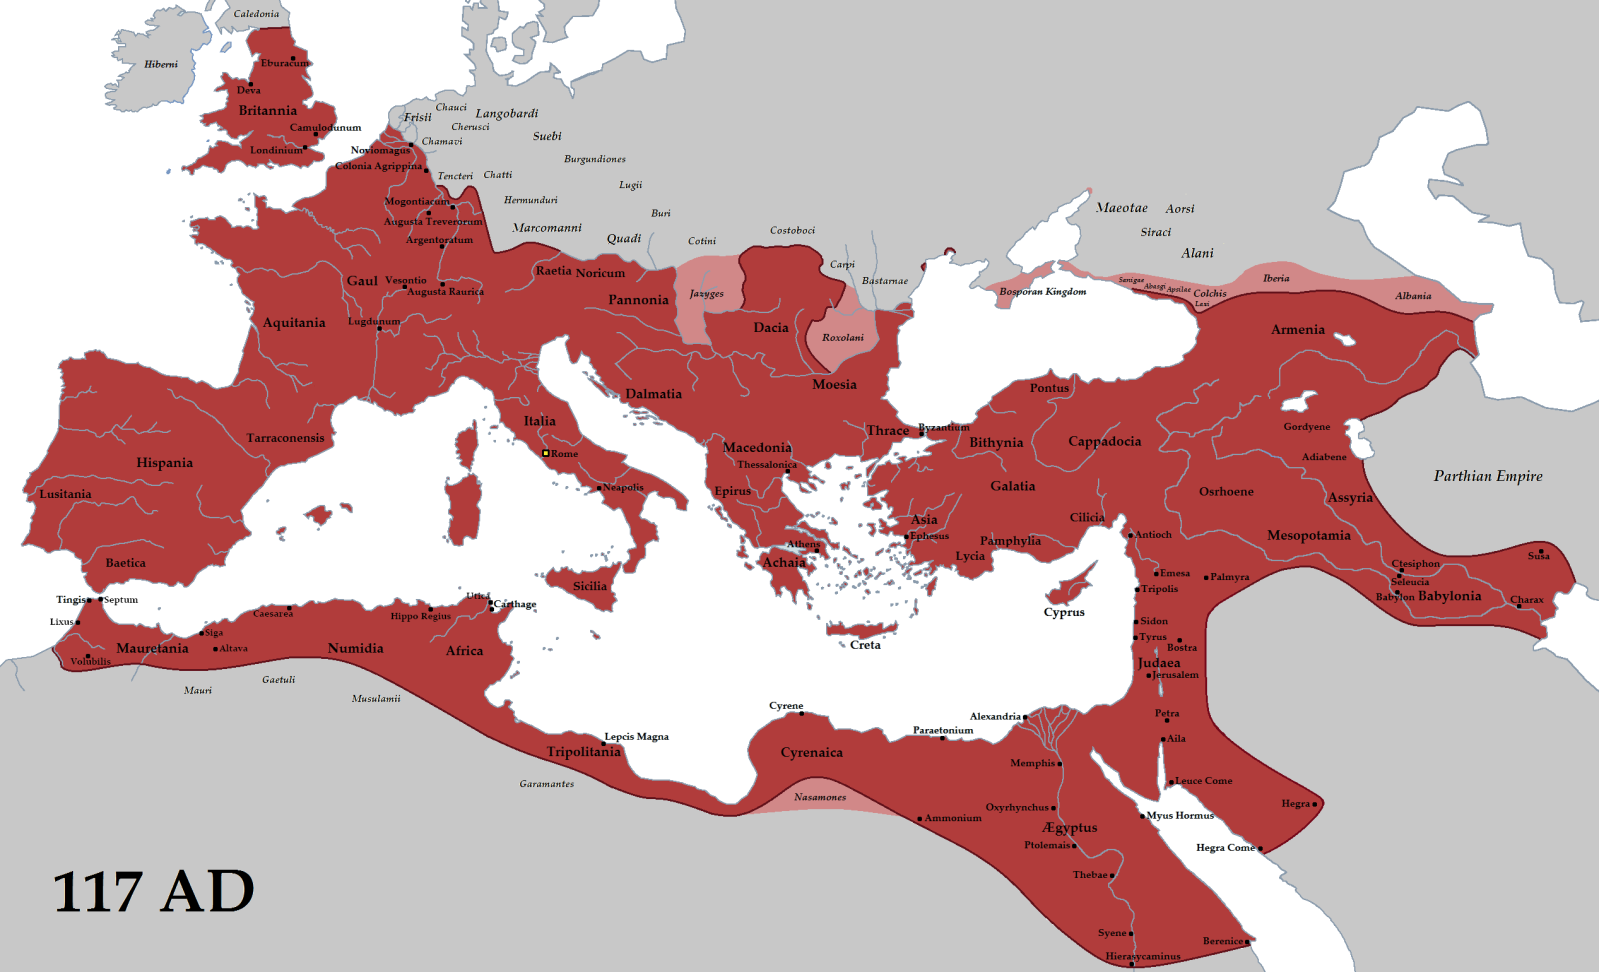 خريطة الأمبراطورية الرومانية